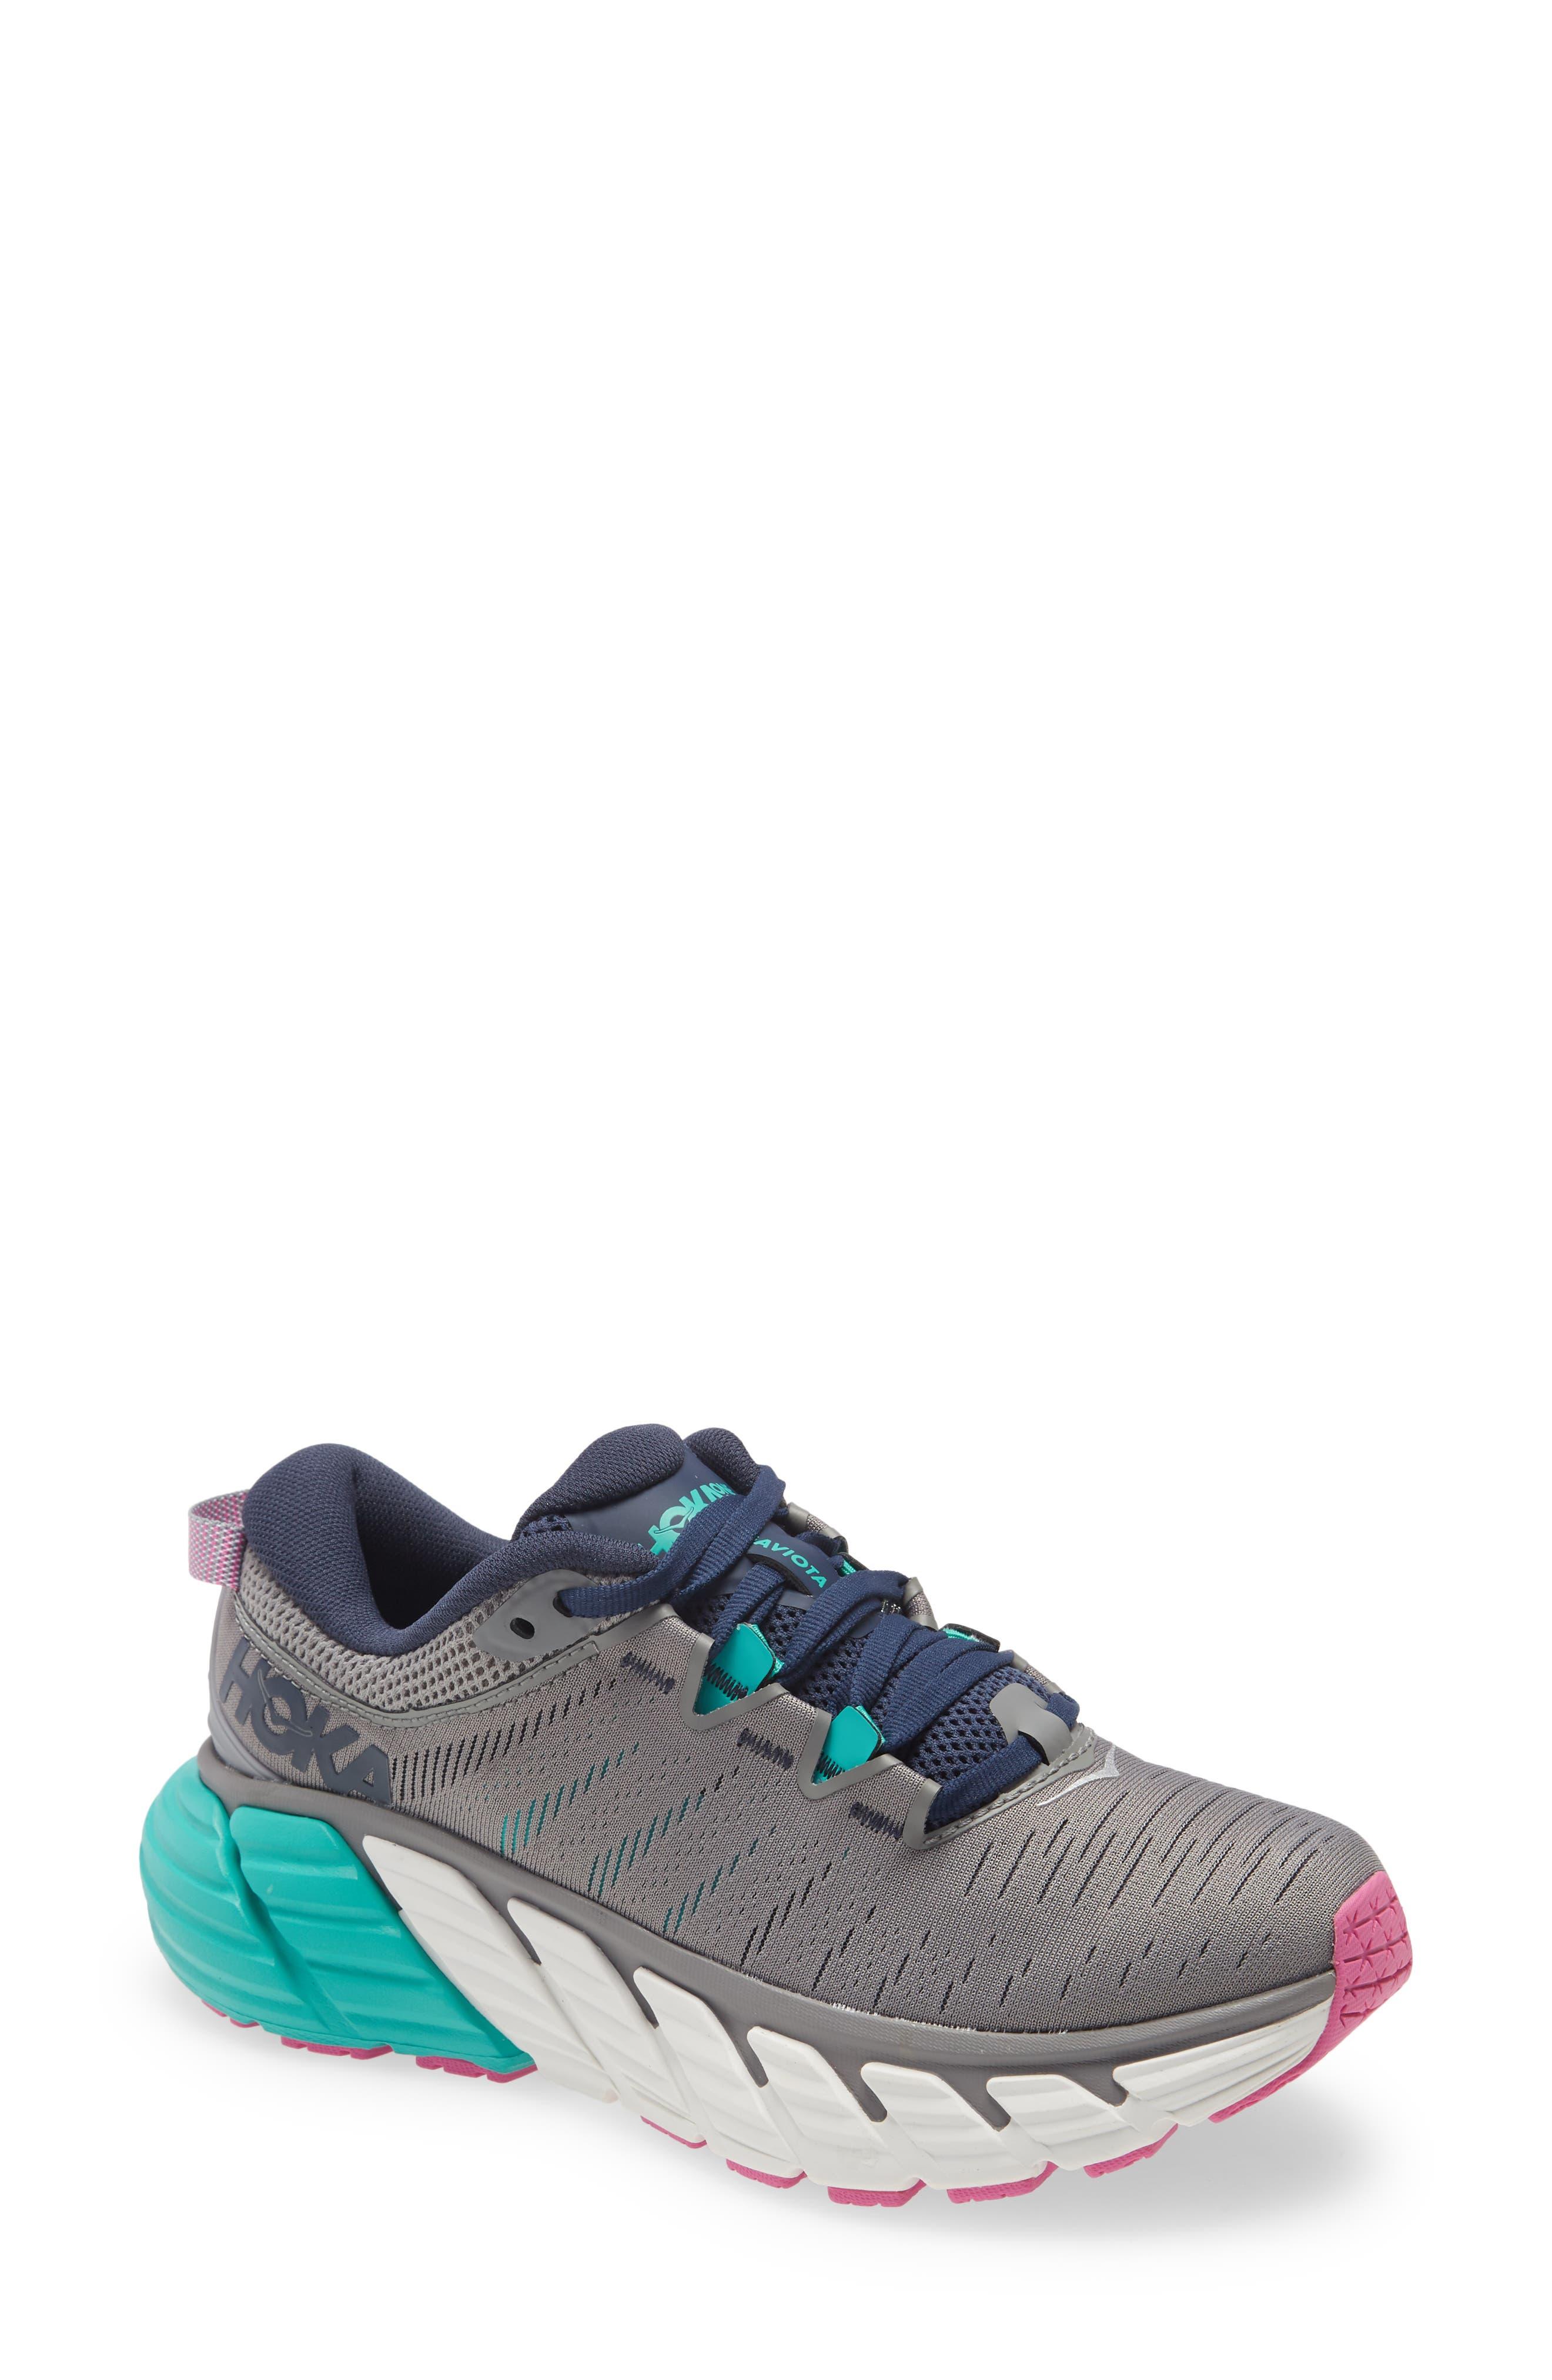 Gaviota 3 Running Shoe